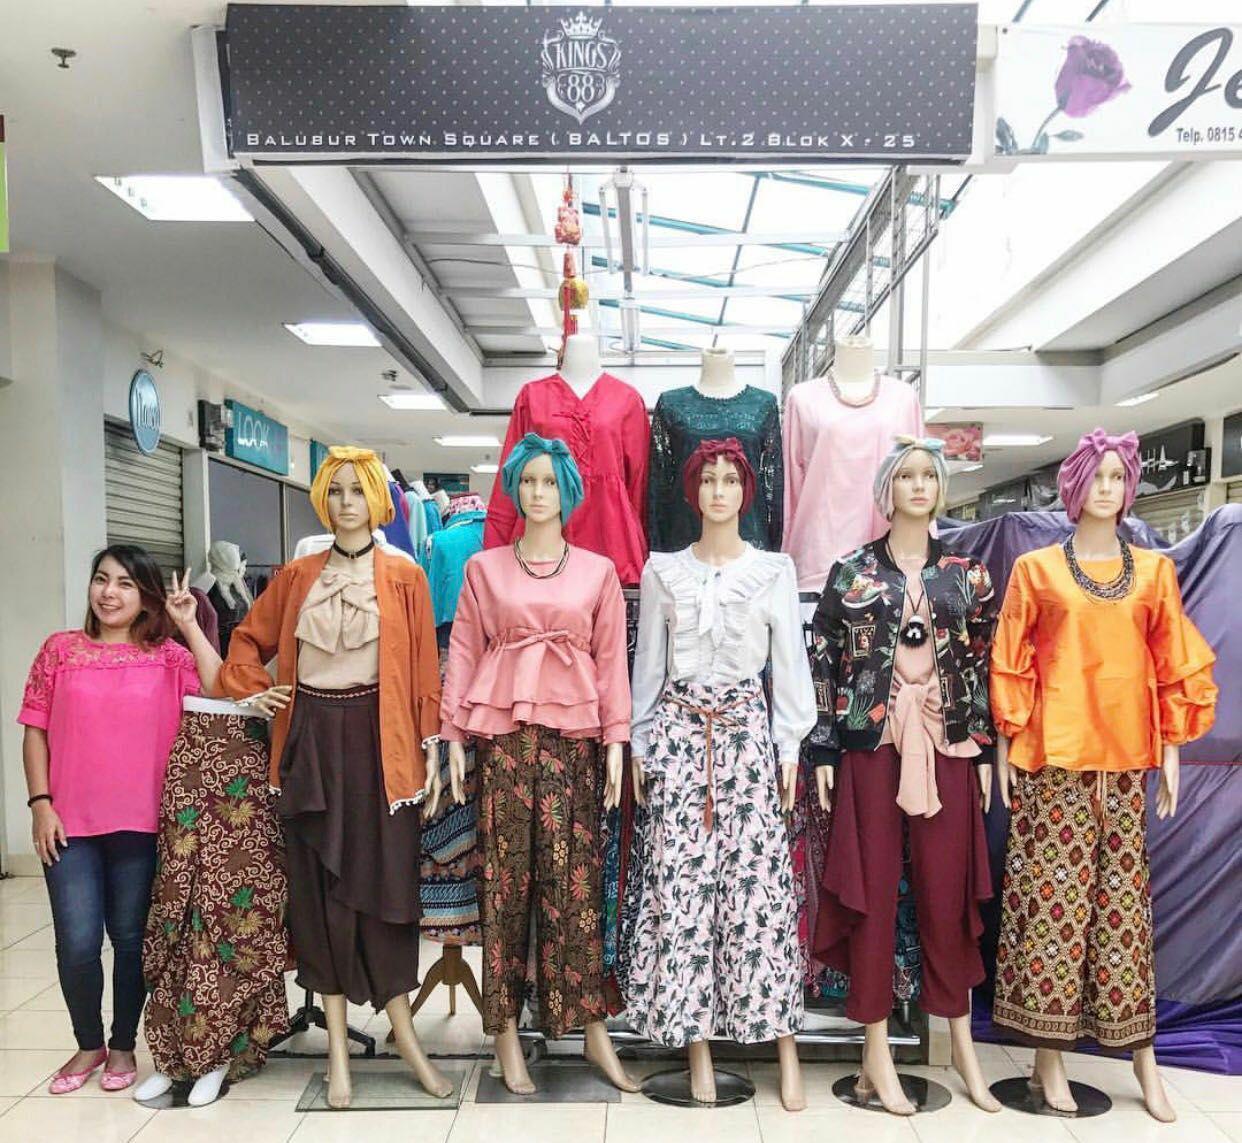 Lowongan Kerja Toko Kings 88 Bandung November 2017